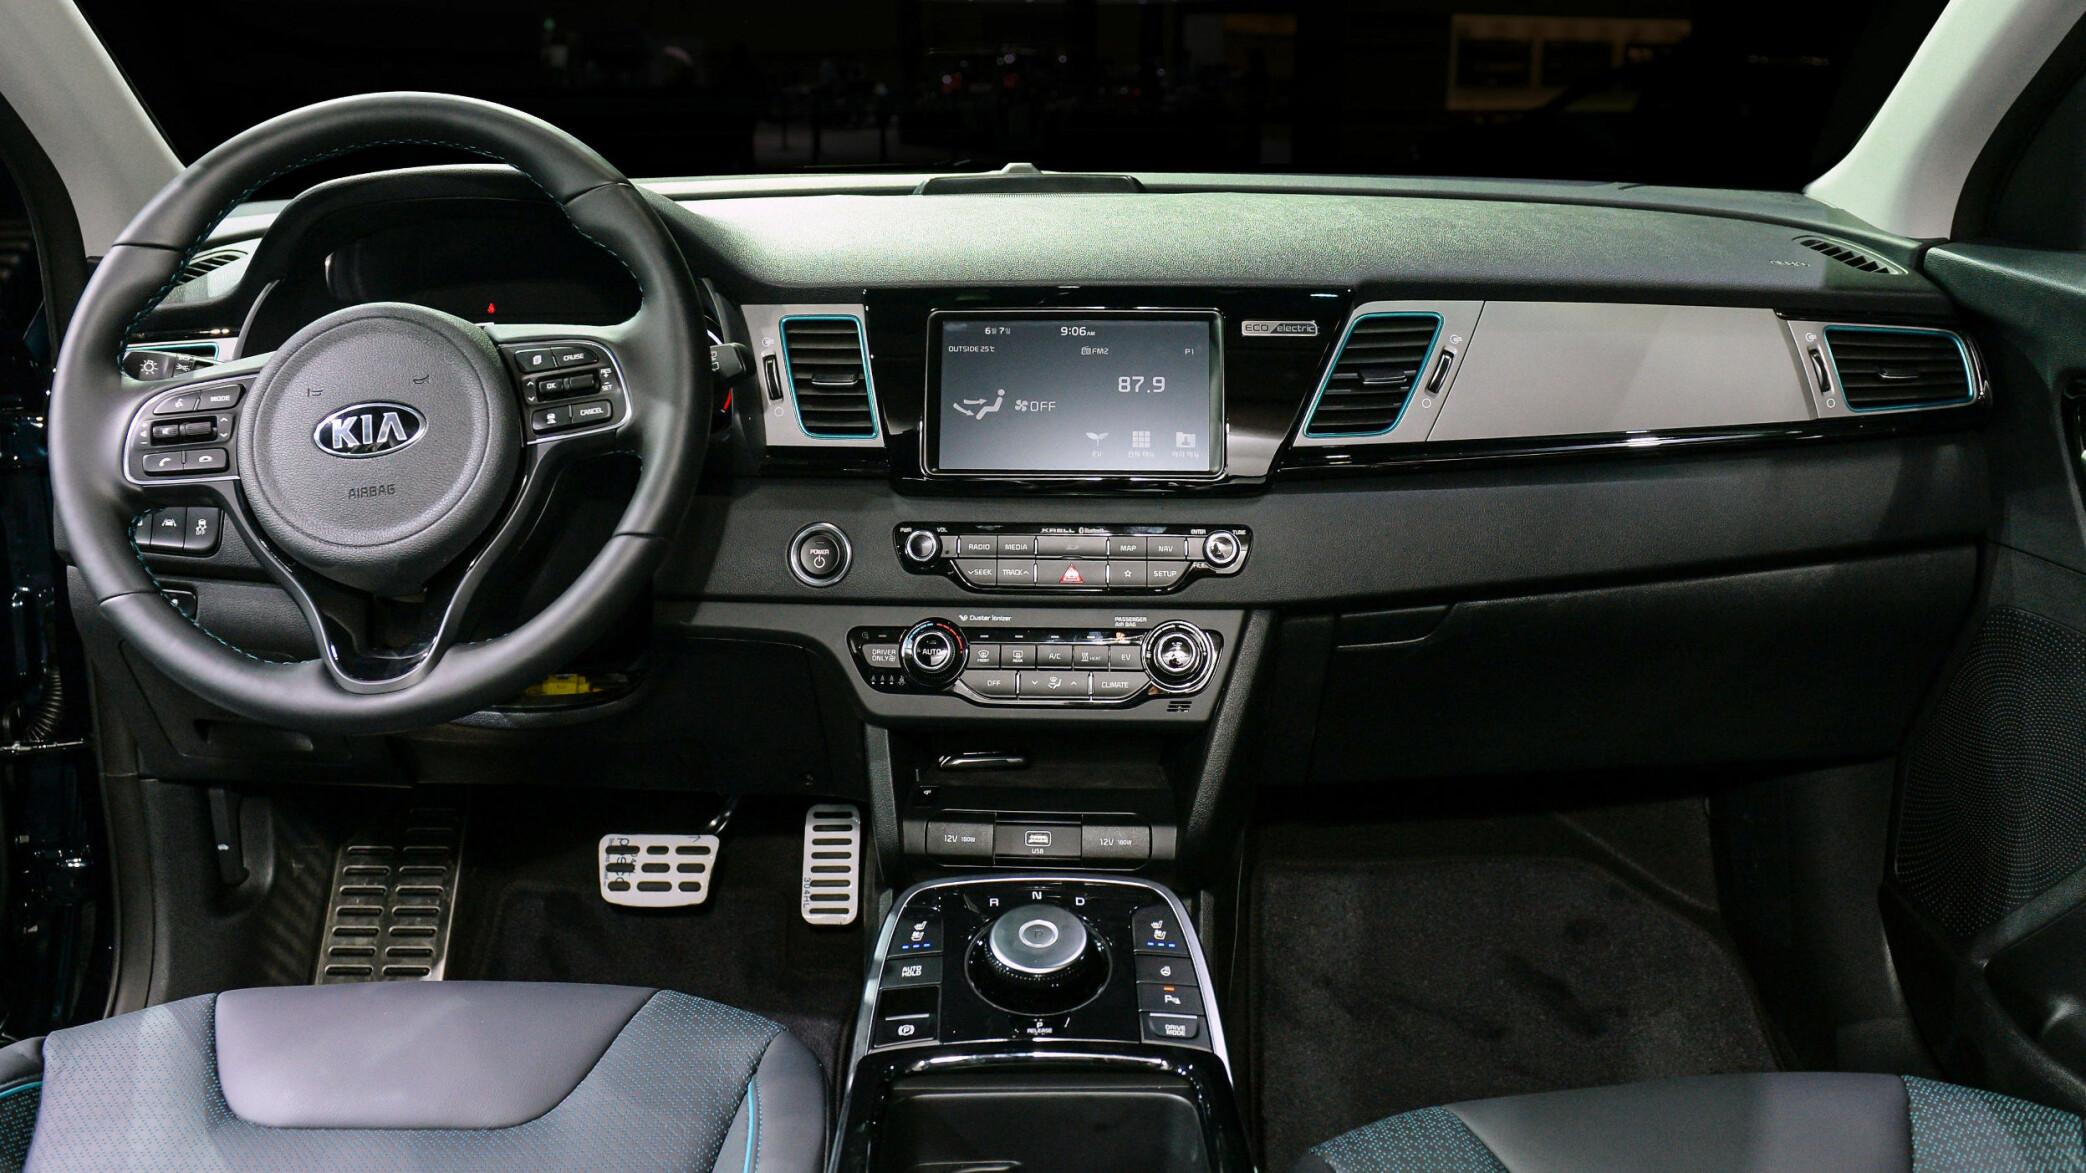 <b>BERØRINGSSKJERM PÅ 7 TOMMER:</b> HMI (human-machine interface) forblir i senter av dashbordet, og har fått nye løsninger for elbilen. Man kan blant annet lokalisere nærliggende ladestasjoner og se status på rekkevidde og batterikapasitet. En lampe på dashbordet indikerer om batteriet lader når bilen står tilkoblet strøm. Kilde: Kia.